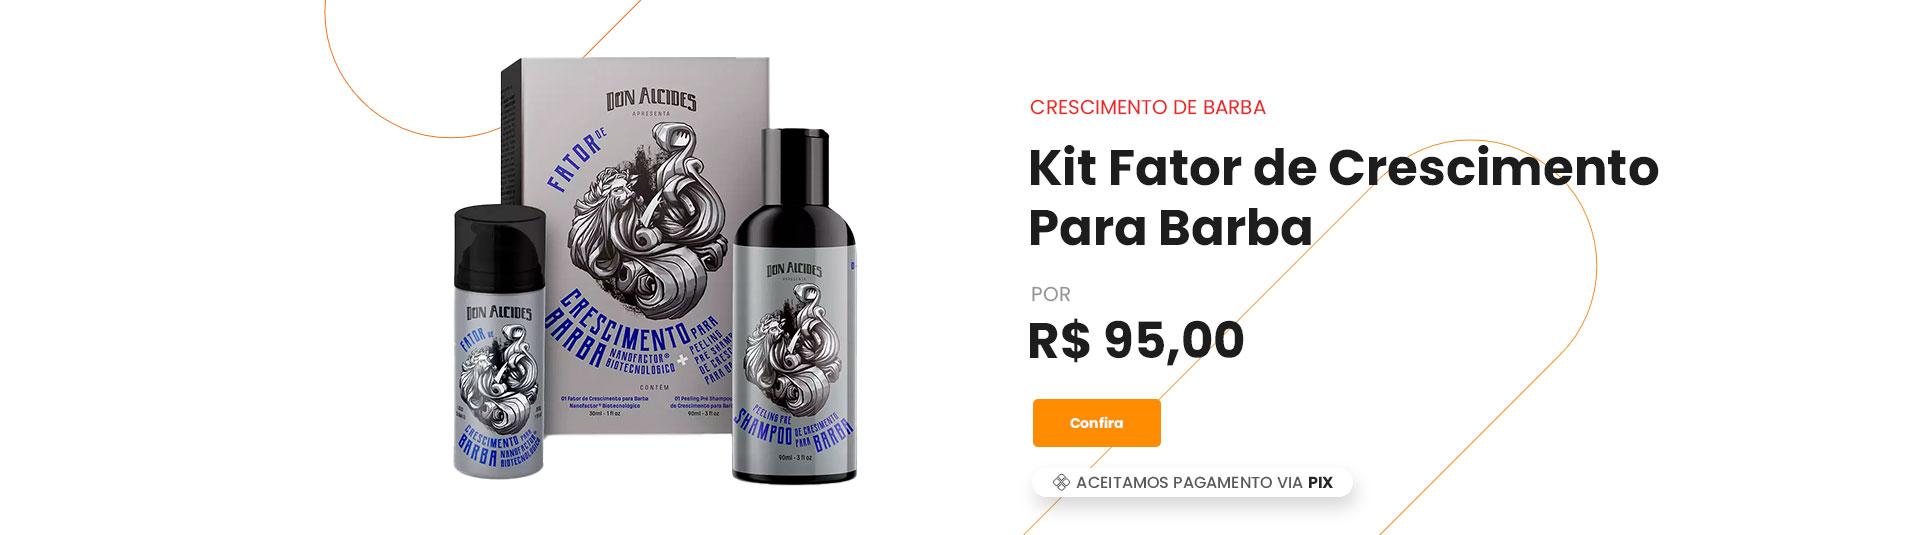 Kit Fator de crescimento don alcides promoção